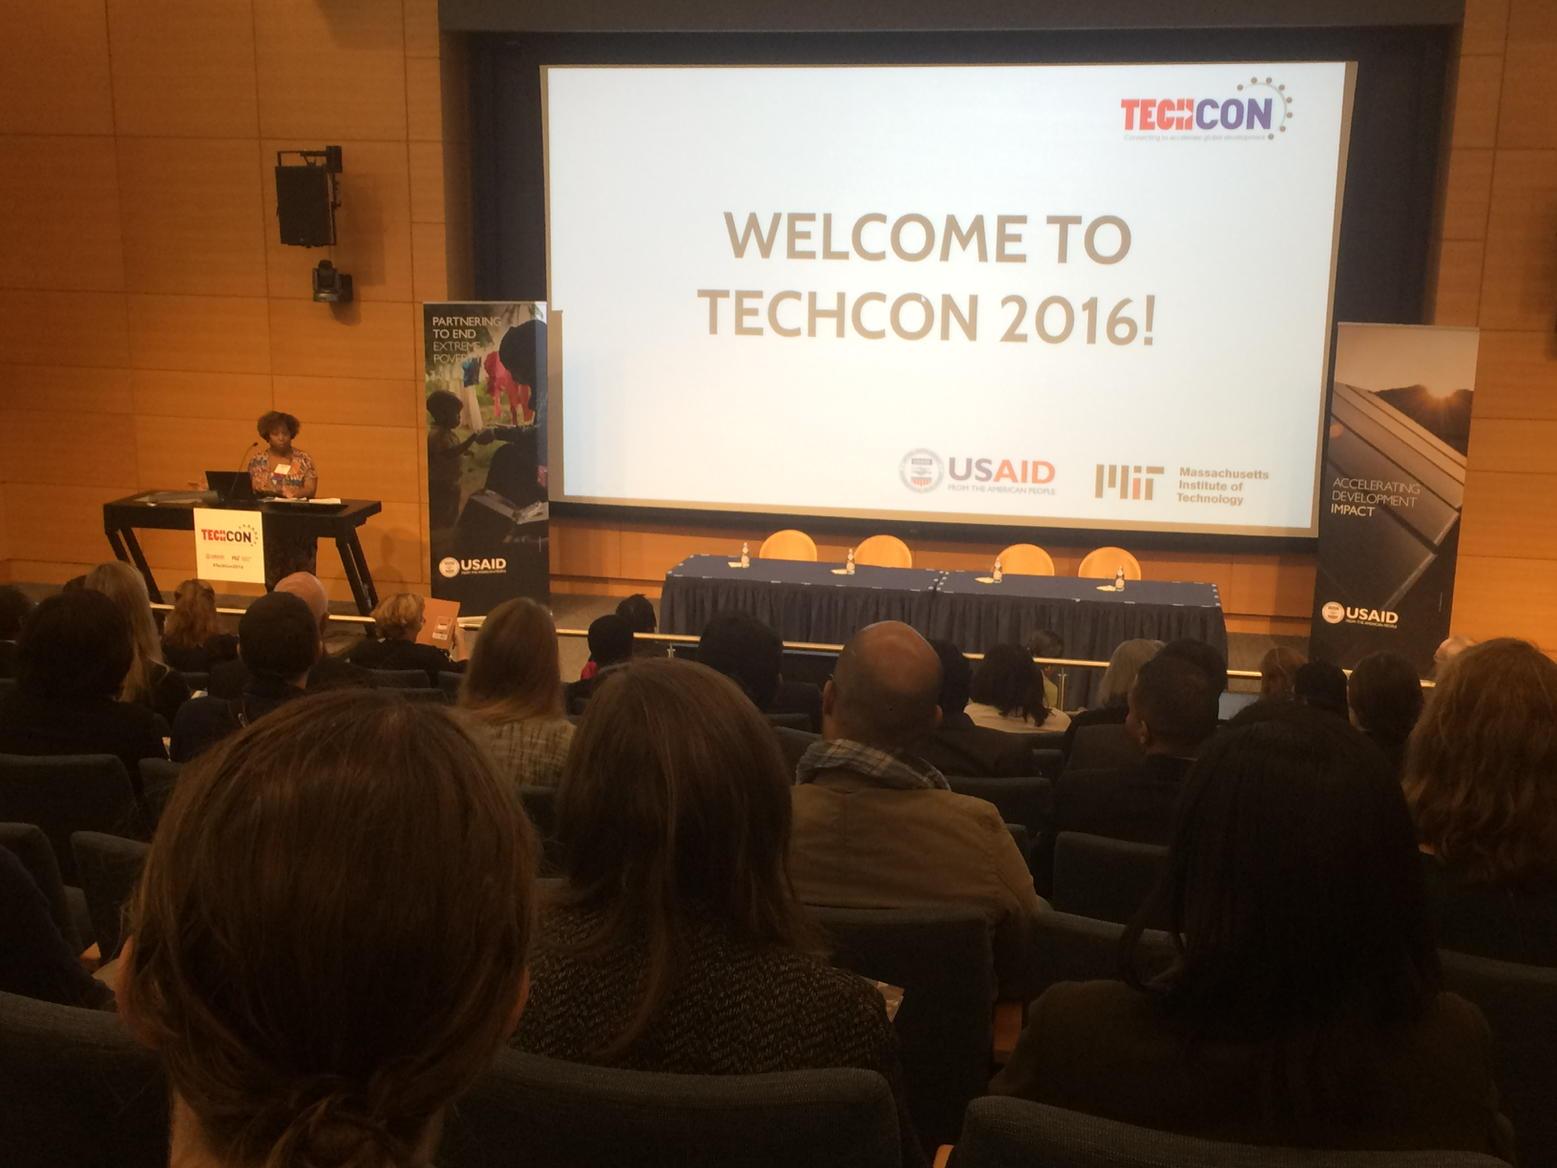 #TechCon2016 kicks off! #60countries #makenewfriendsandkeeptheoldones @TicoraVJones @GlobalDevLab https://t.co/c1MxOgc26r